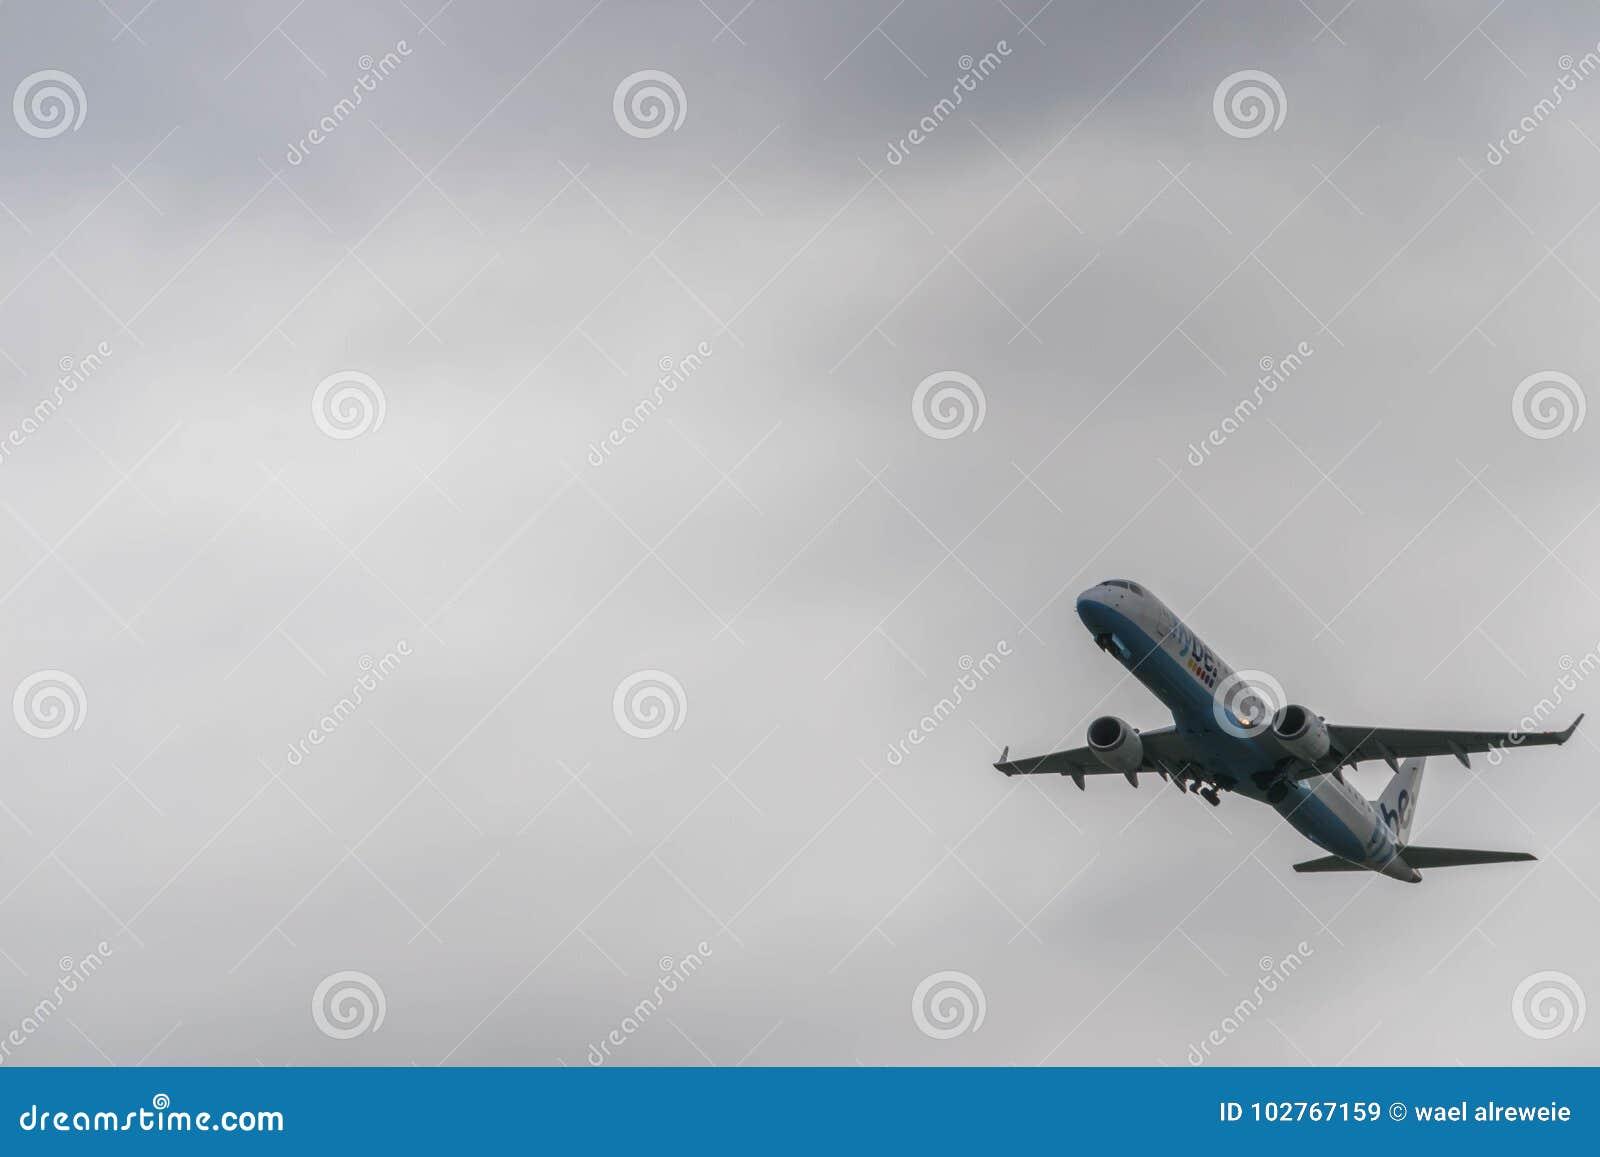 伯明翰国际机场,伯明翰,英国- 2017年10月28日:Flybe航空公司飞机离开